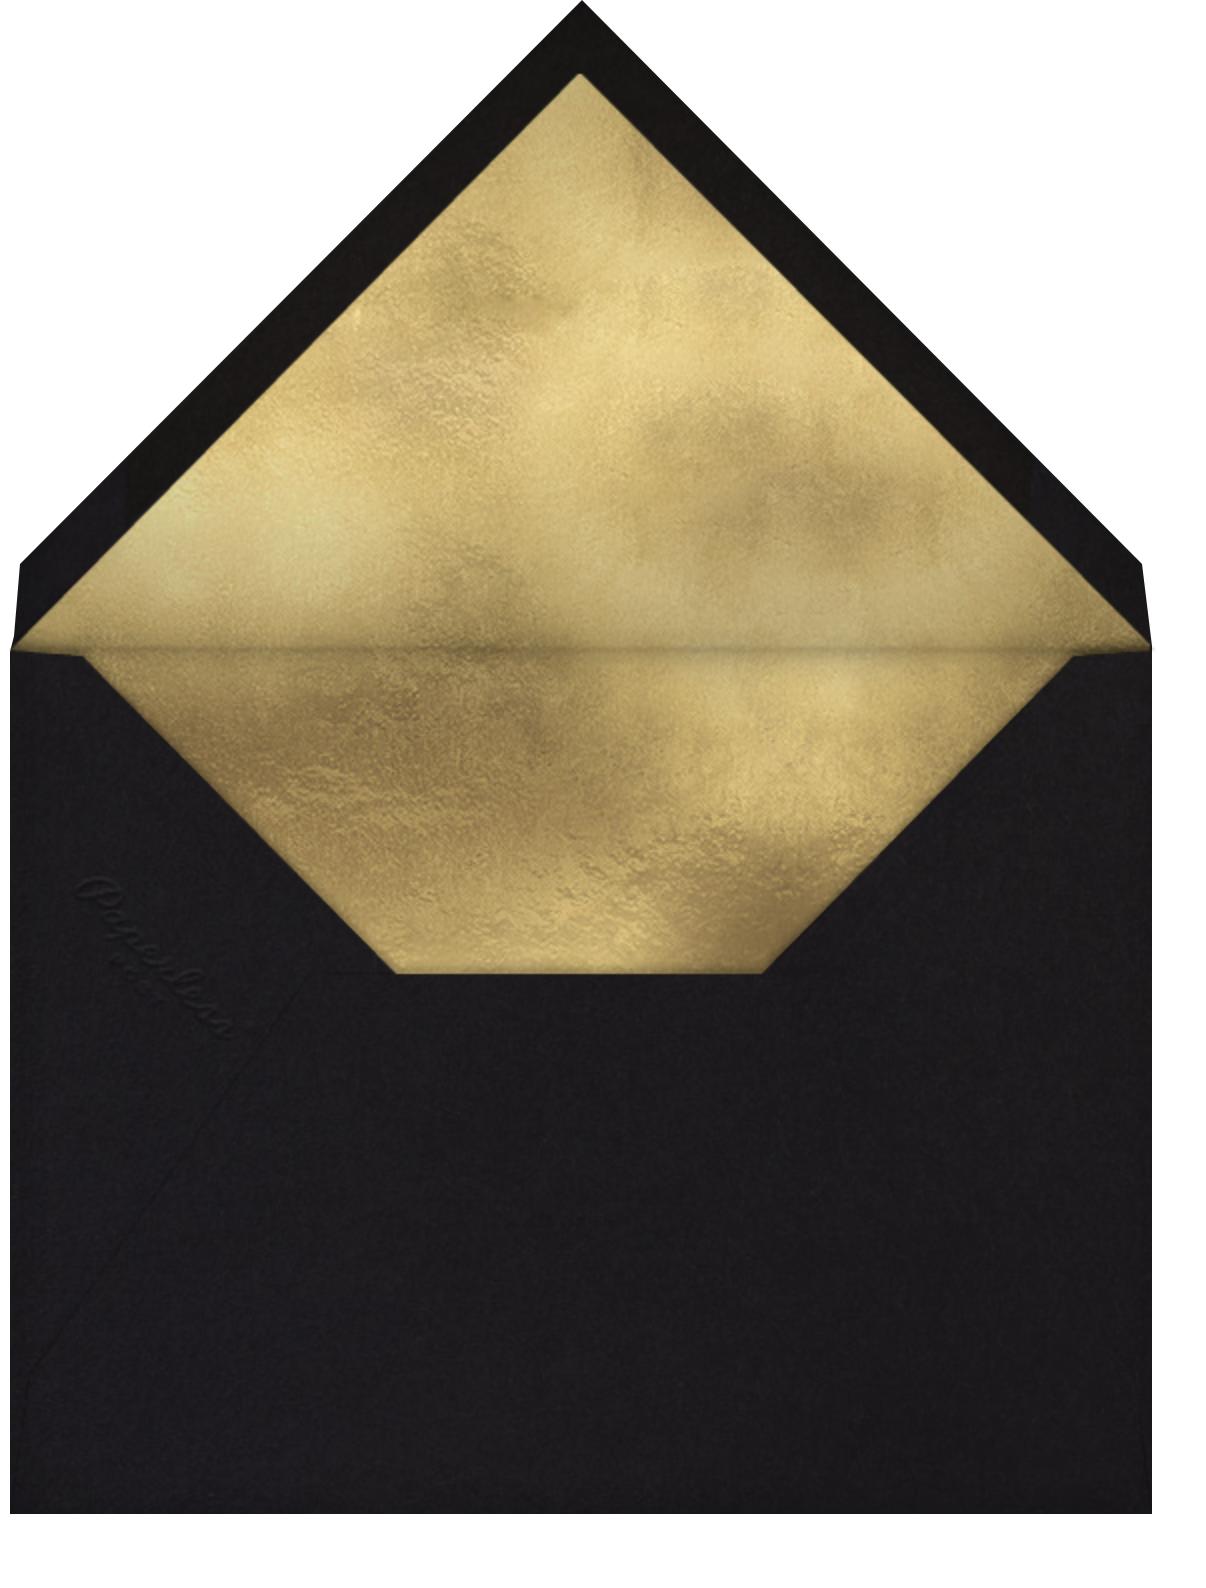 Gold Finger - Capri - Jonathan Adler - Surprise party - envelope back